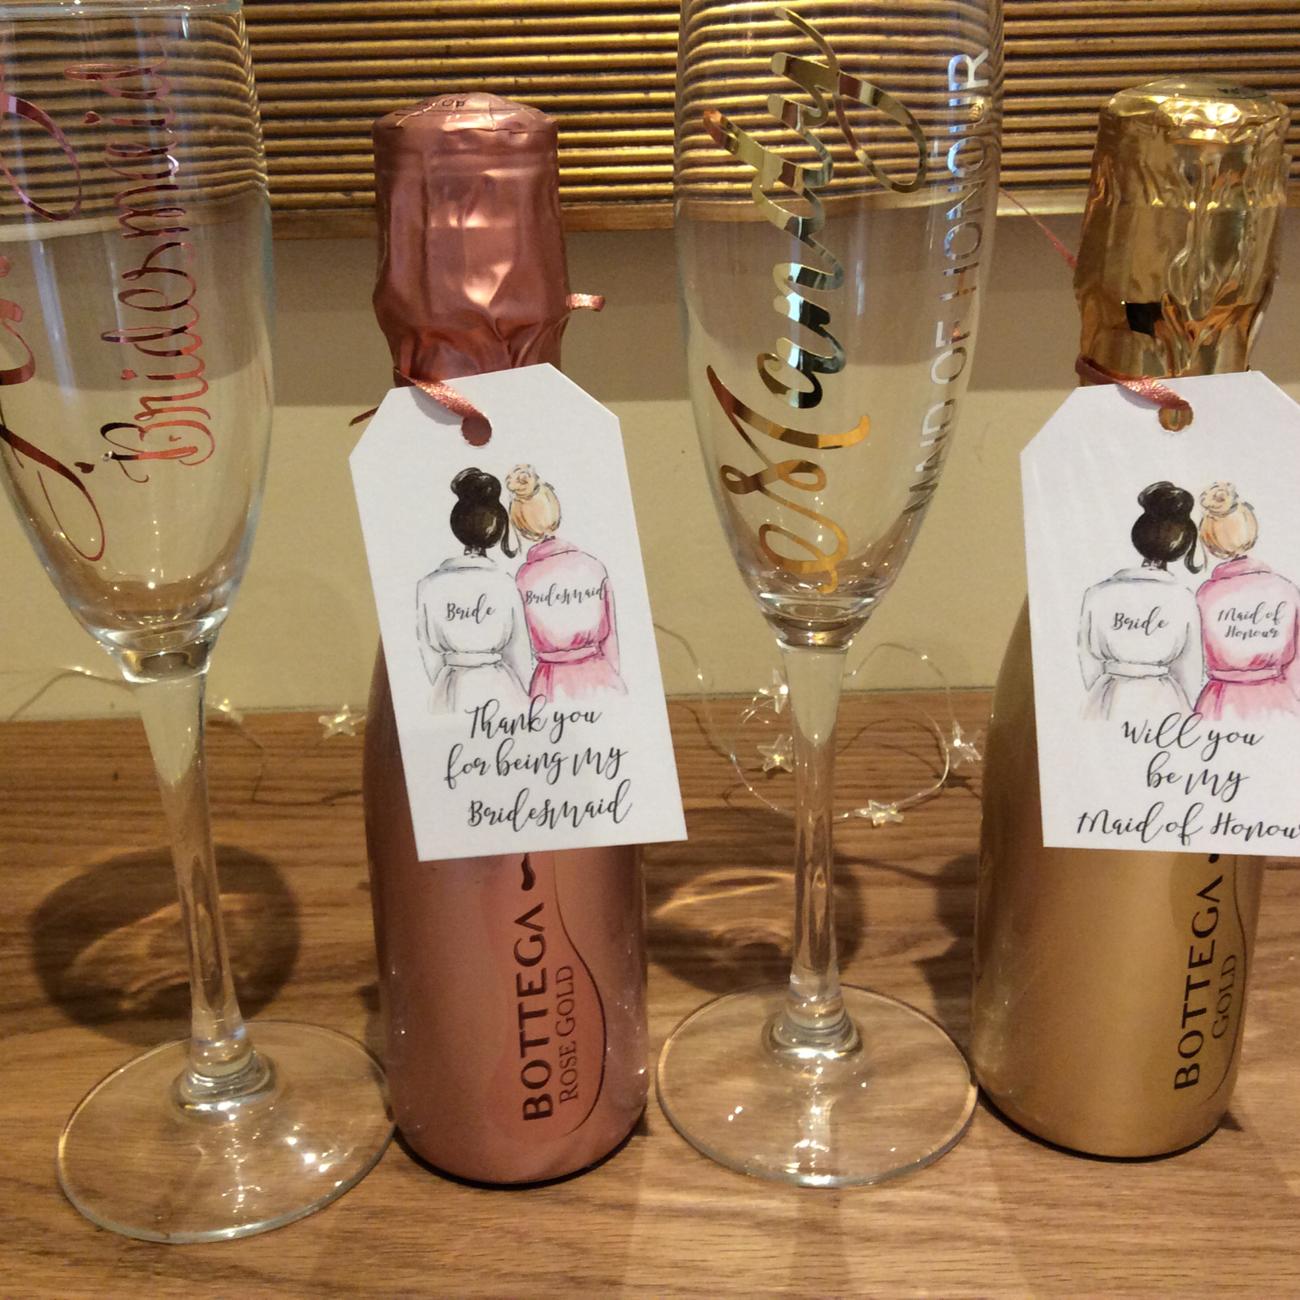 Champagne flute + Bottle of Bottega